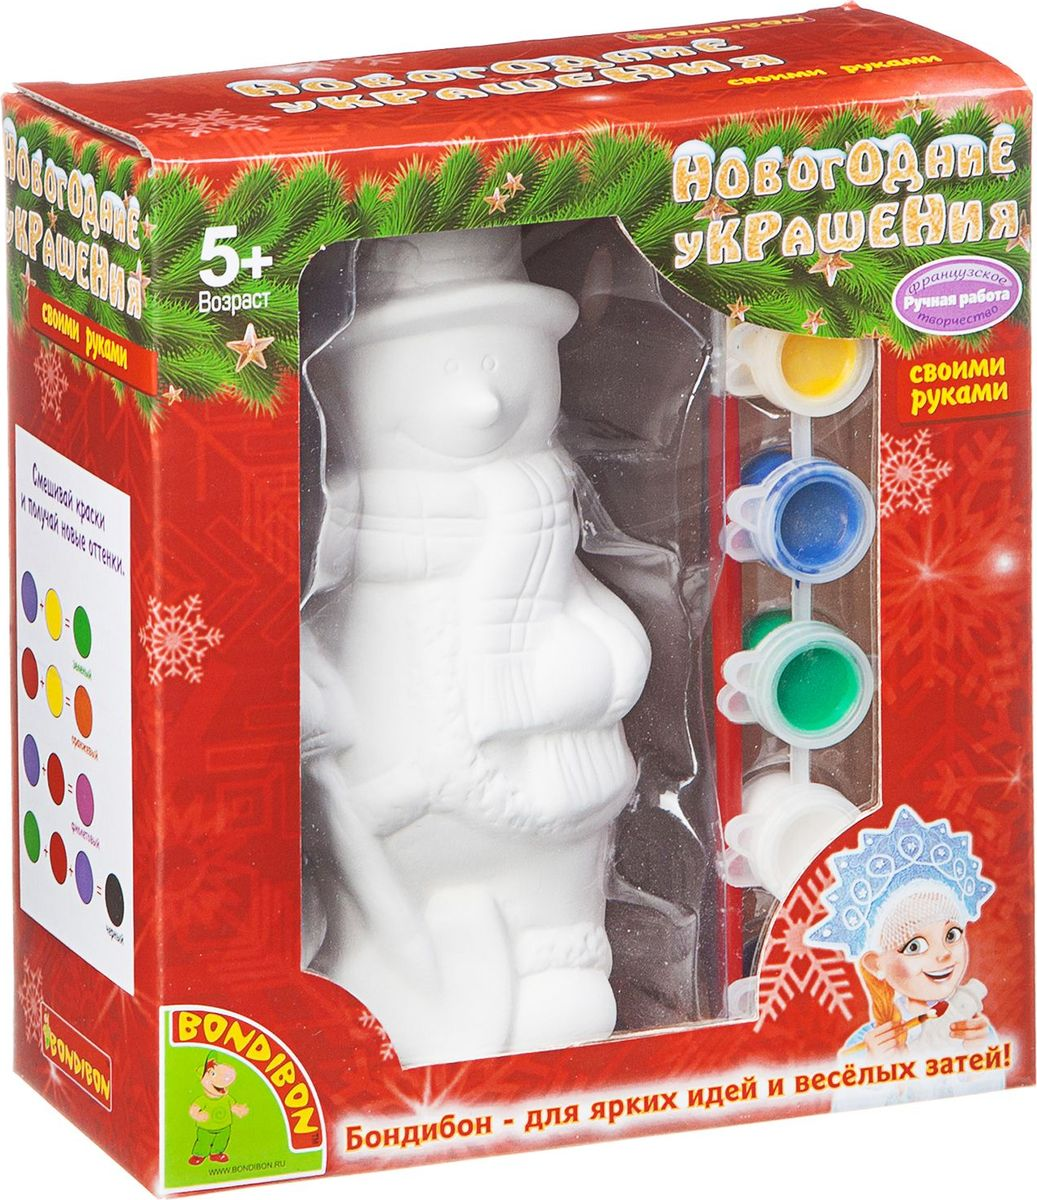 Bondibon Набор для изготовления игрушек Новогодние украшения Снеговик bondibon набор для изготовления игрушек из помпонов домашние питомцы